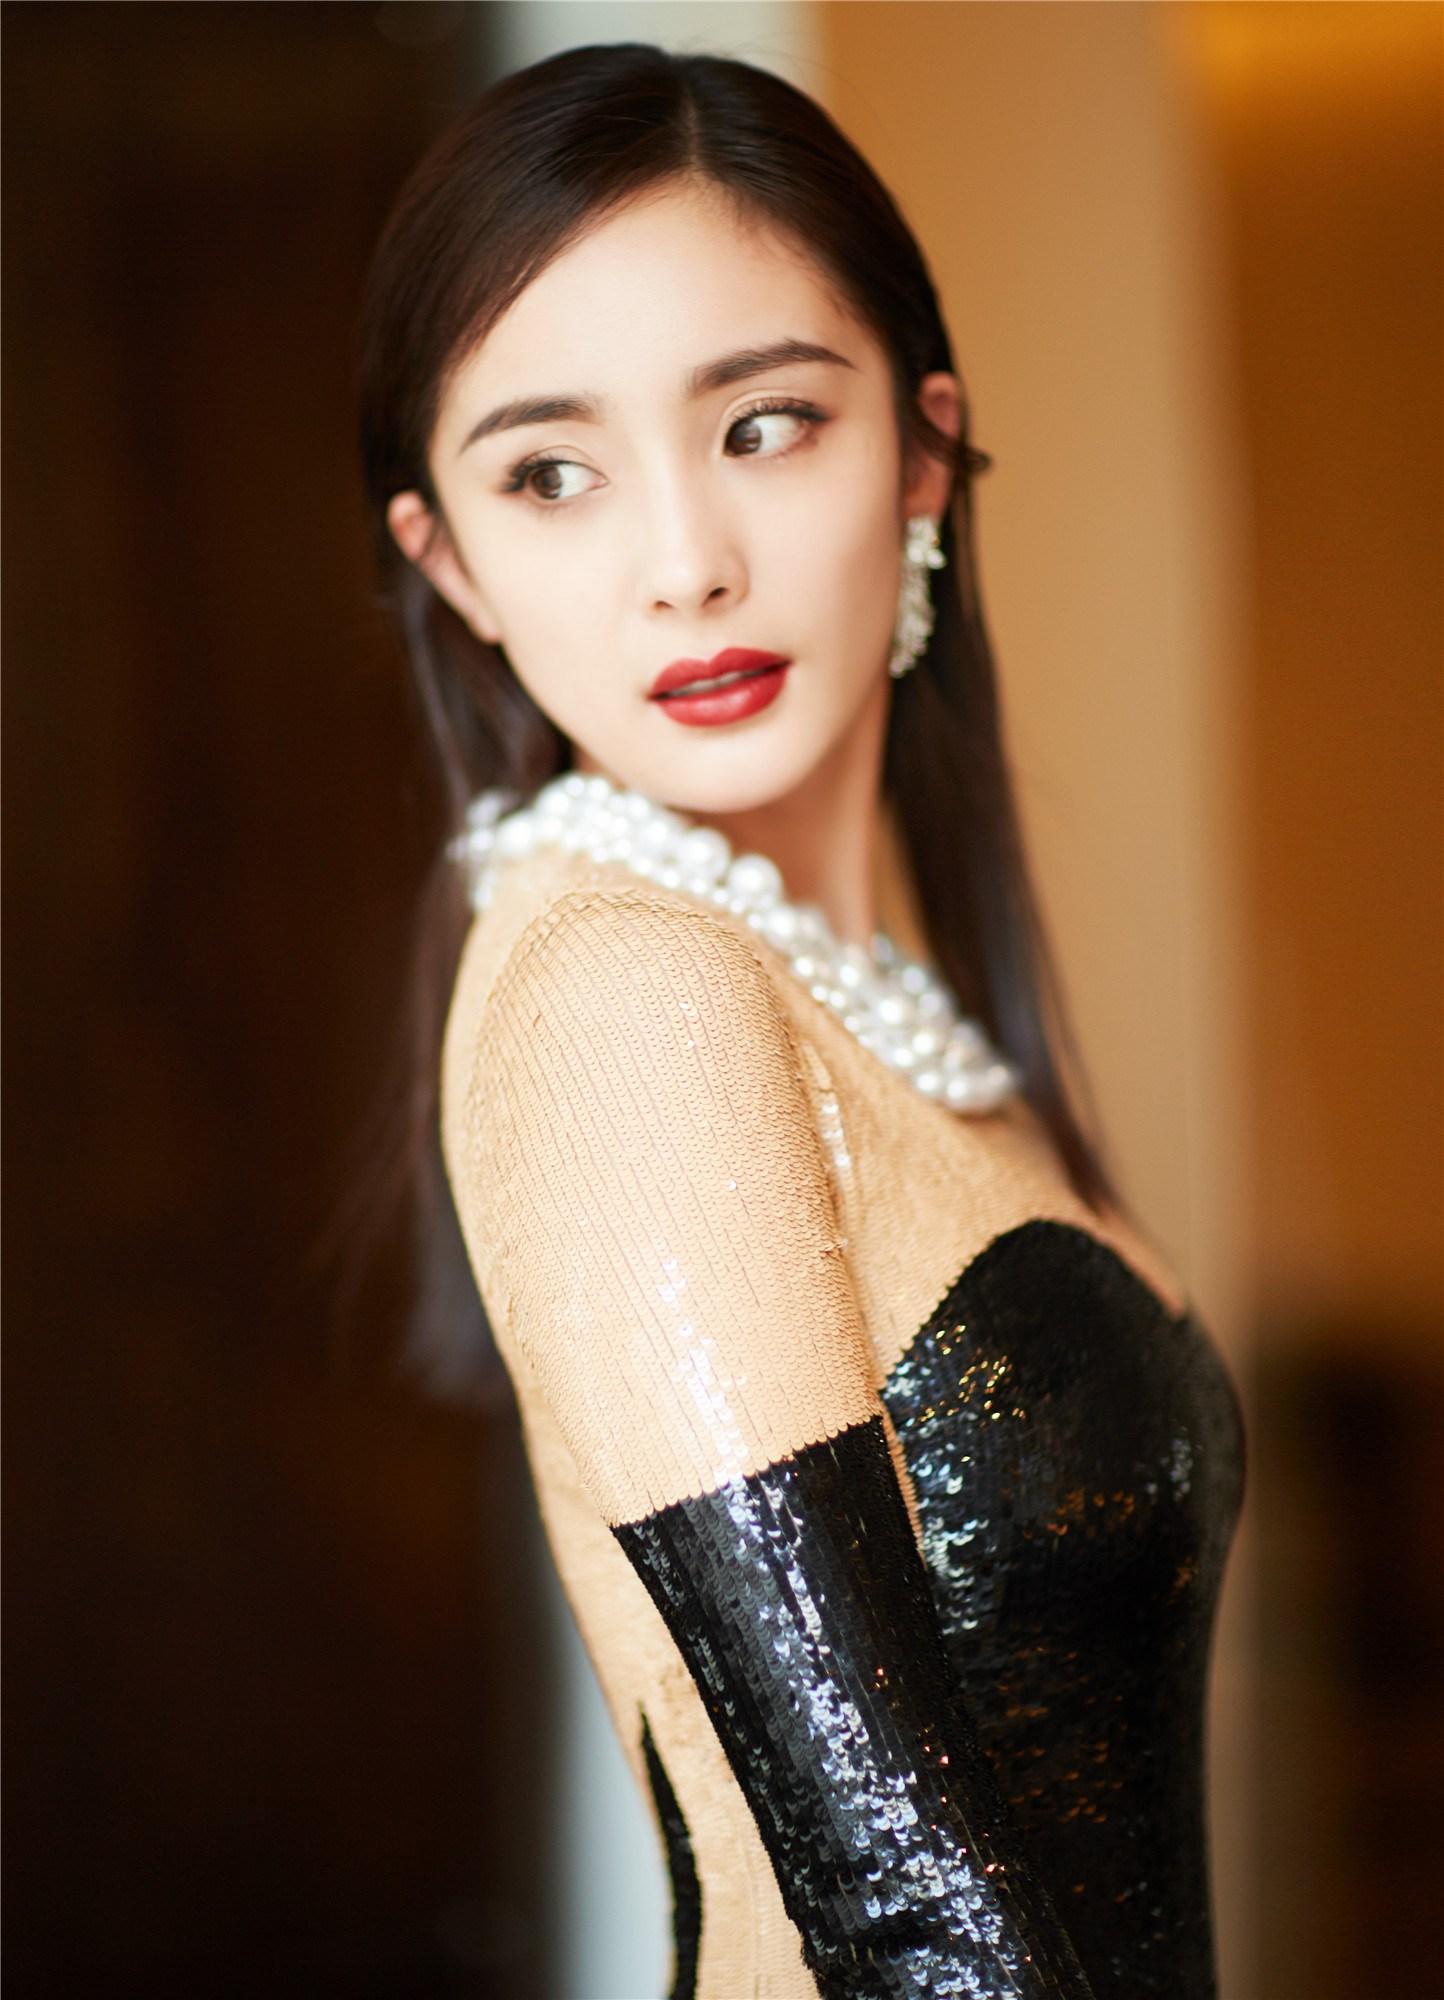 中国最性感女星排行,张雨绮第八,第一名你绝对想不到